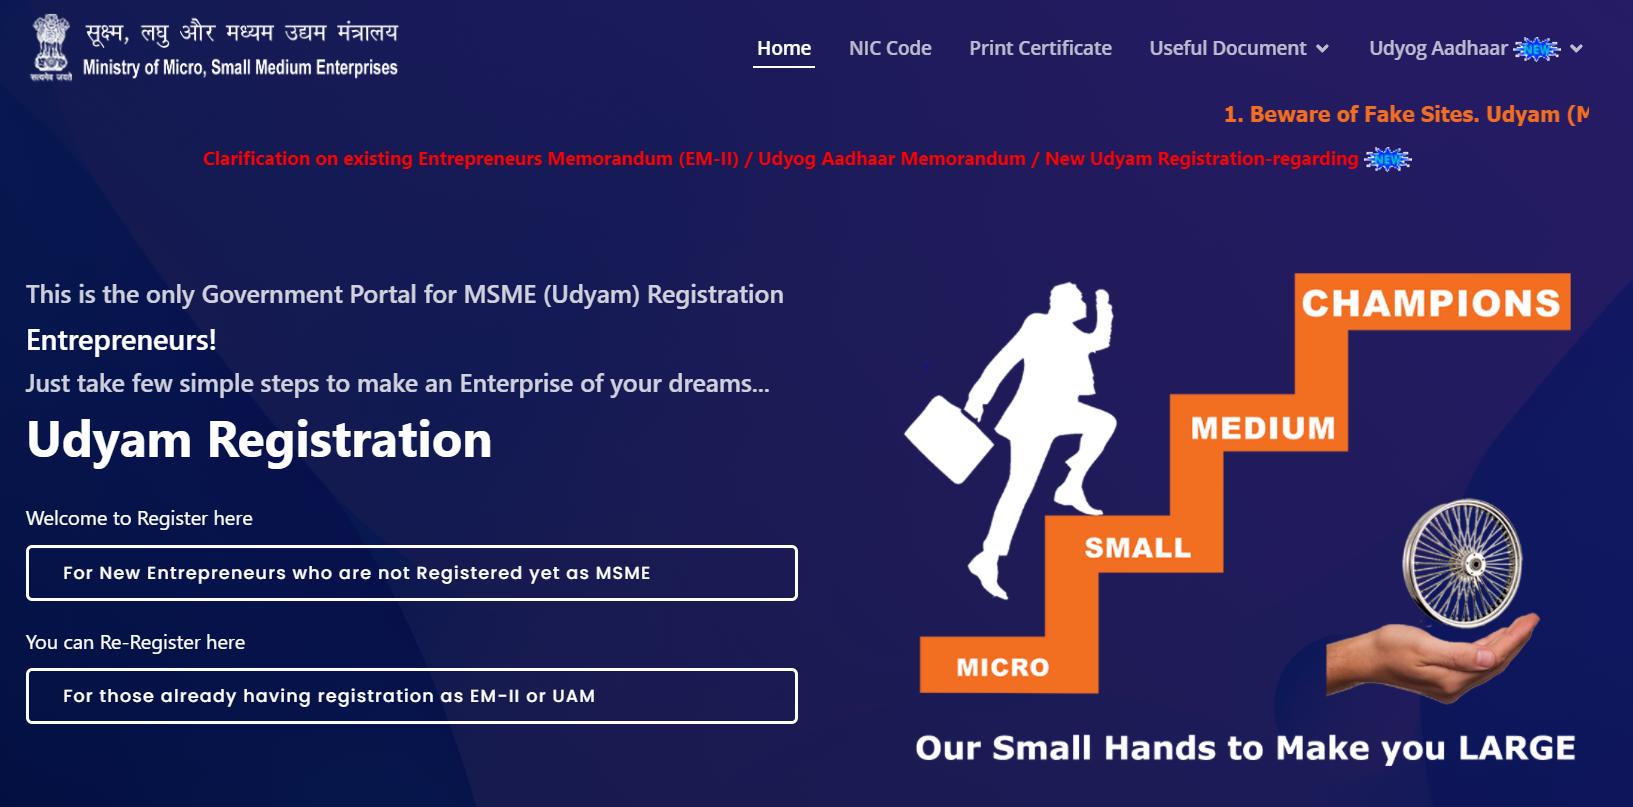 Udyog Aadhaar Website